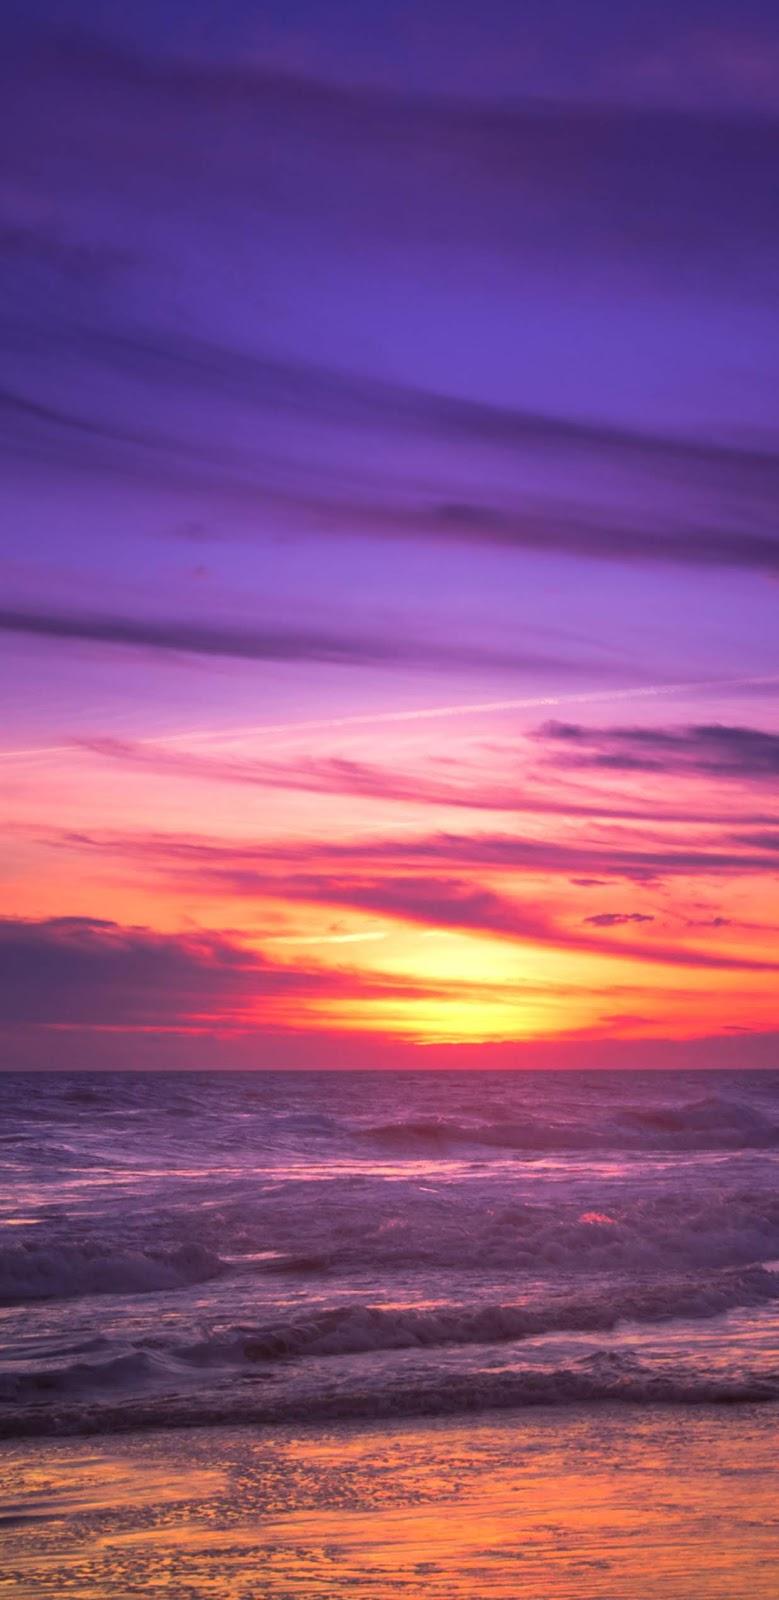 Enchanted sunset